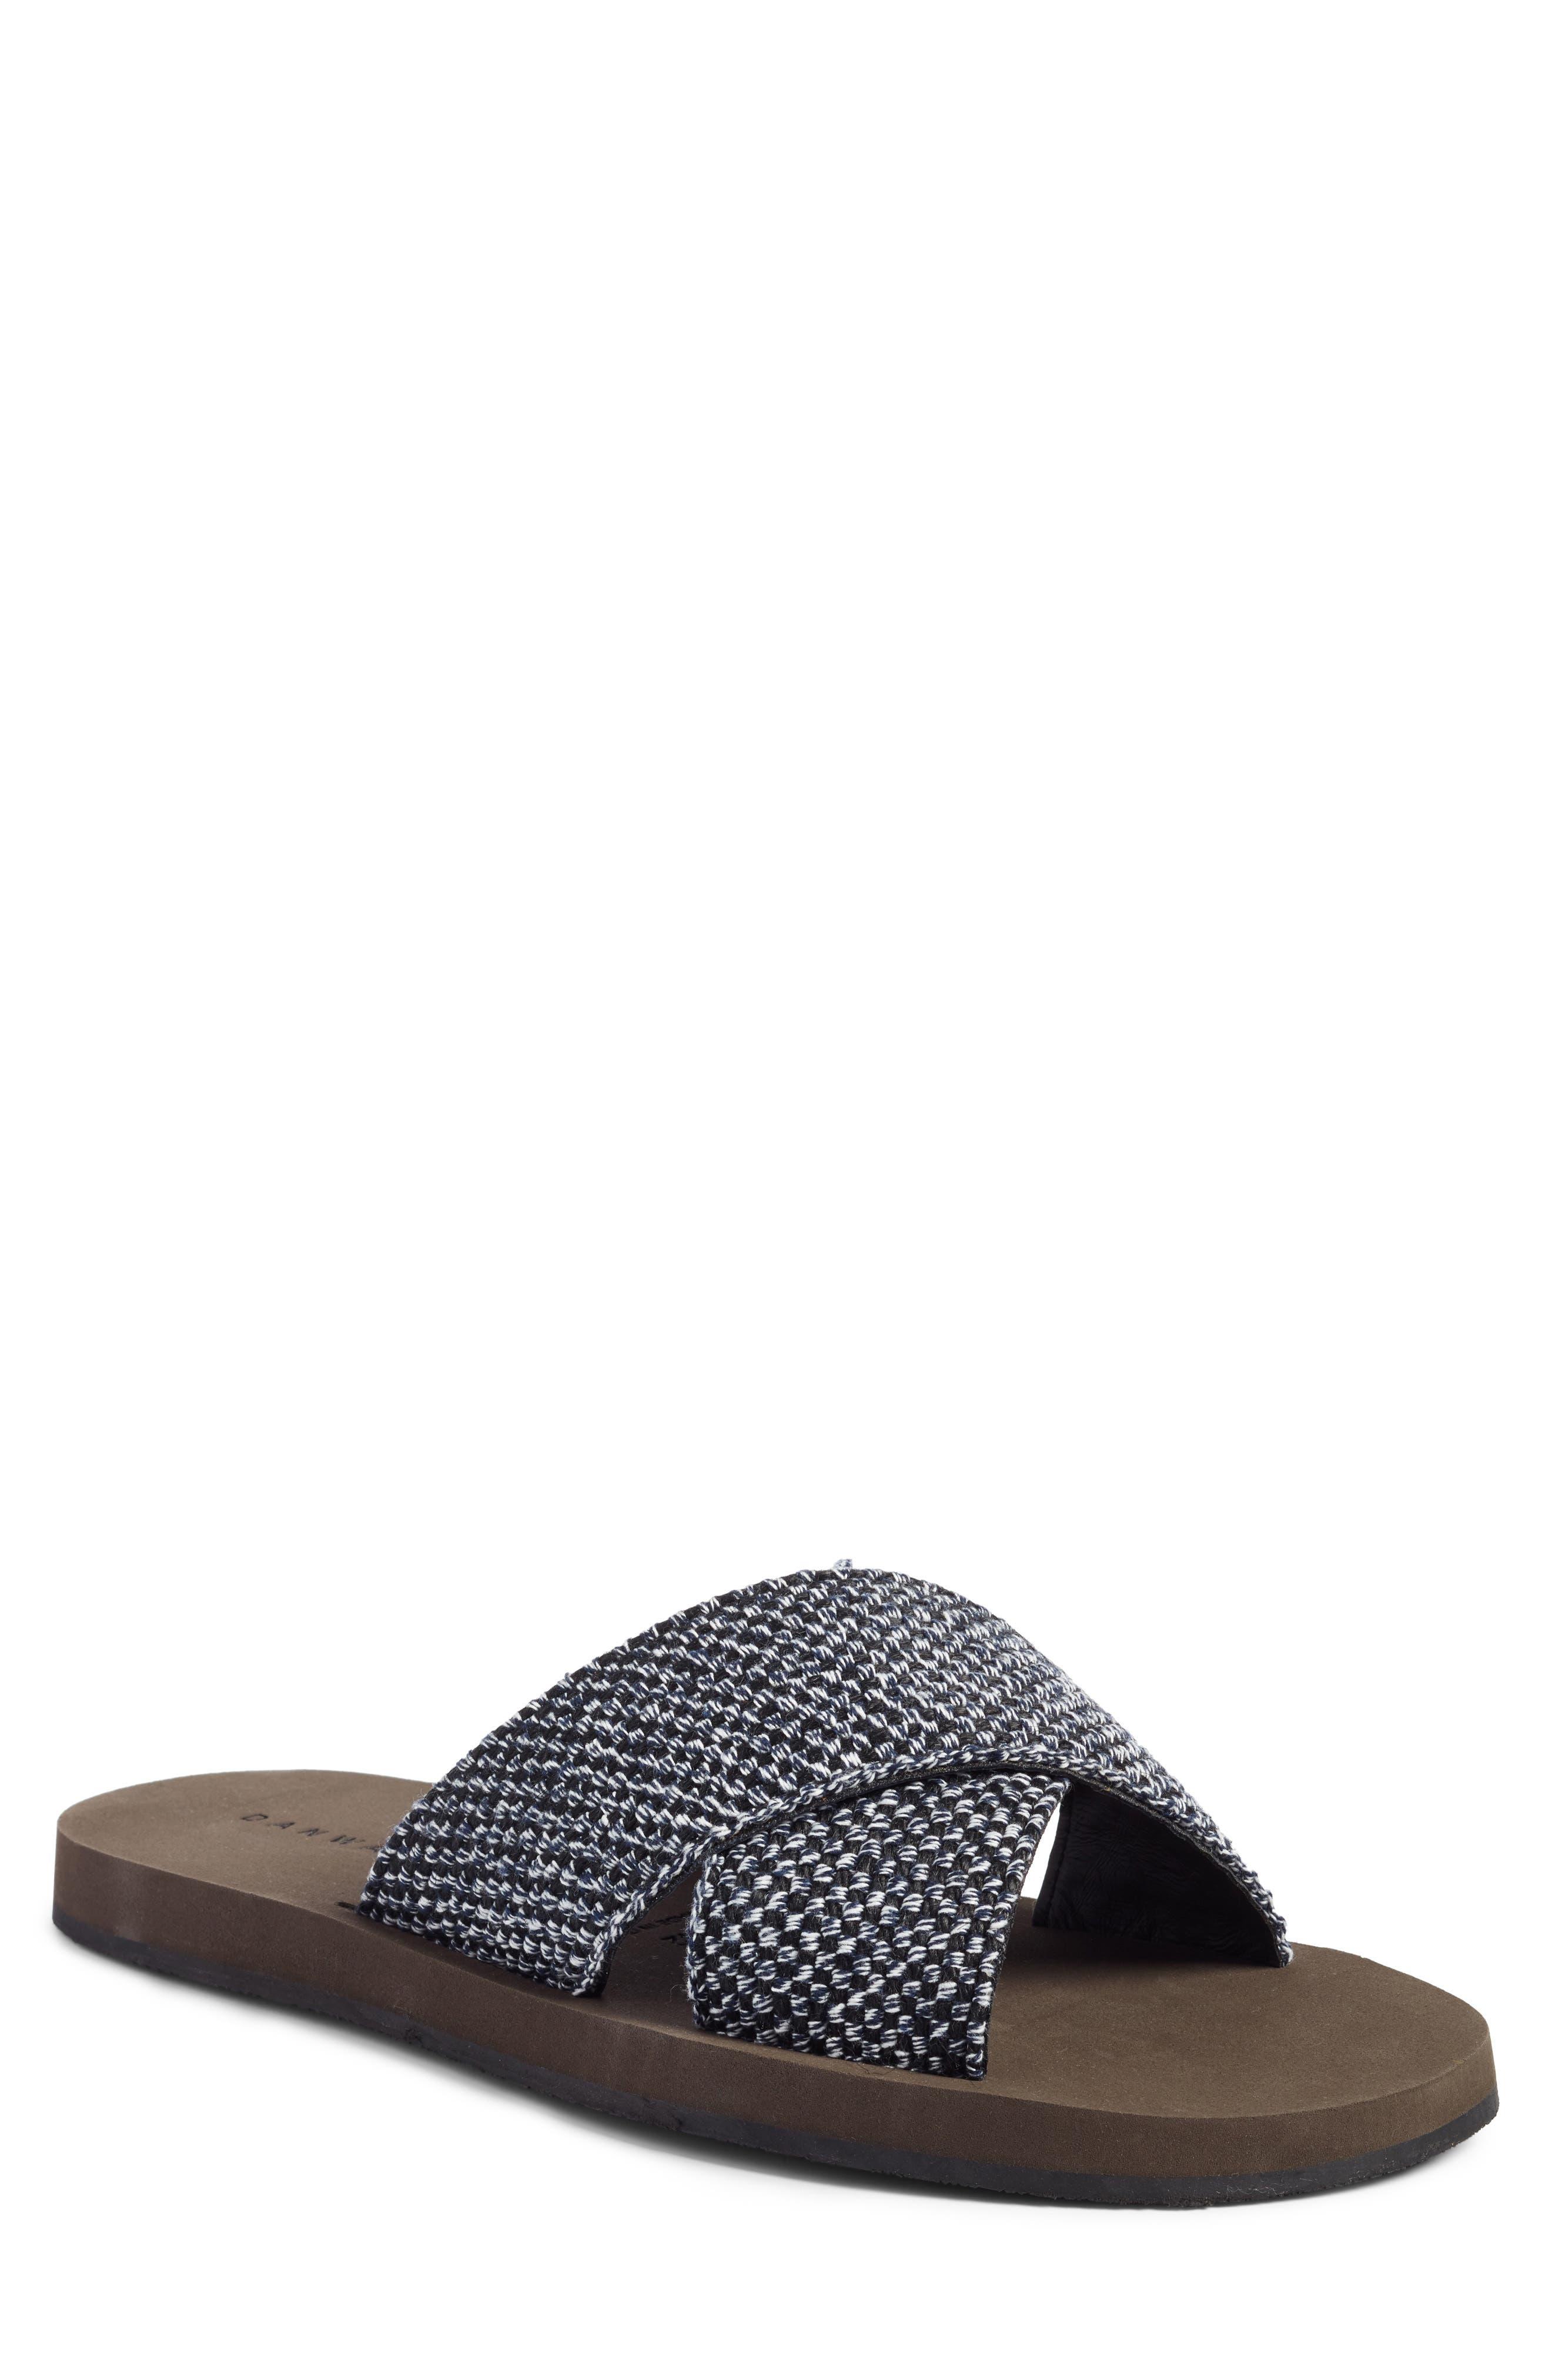 Criss Cross Slide Sandal,                         Main,                         color, Navy